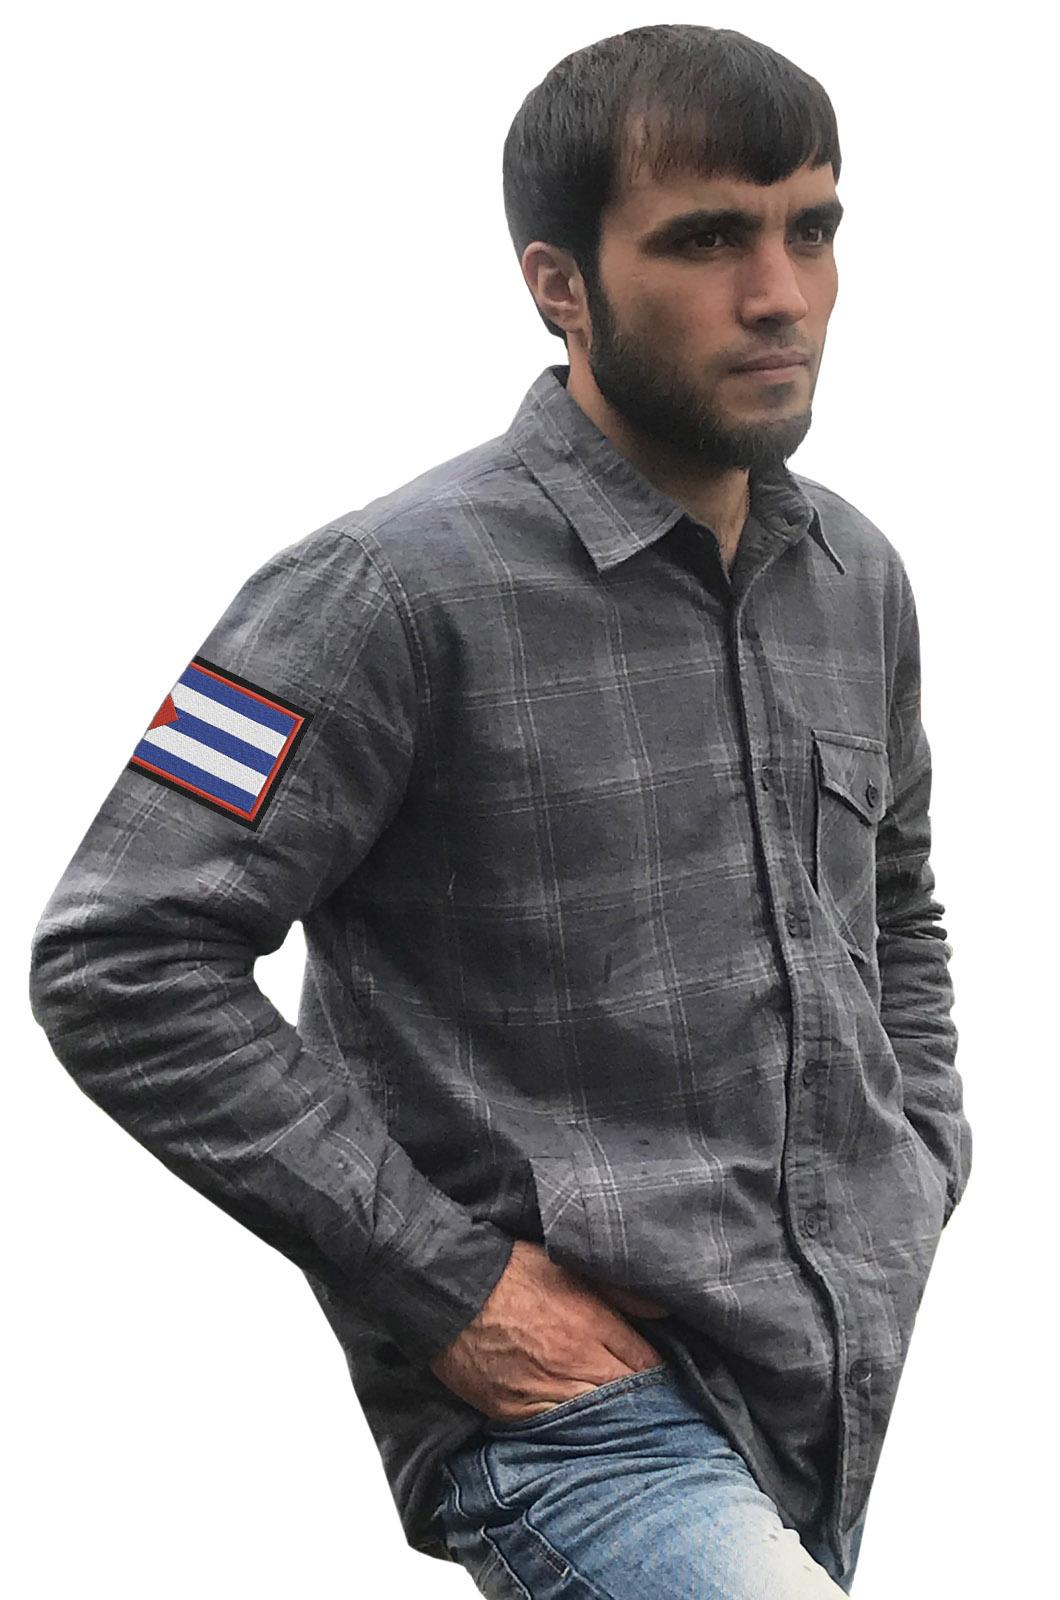 Строгая серая рубашка с вышитым флагом Кубы